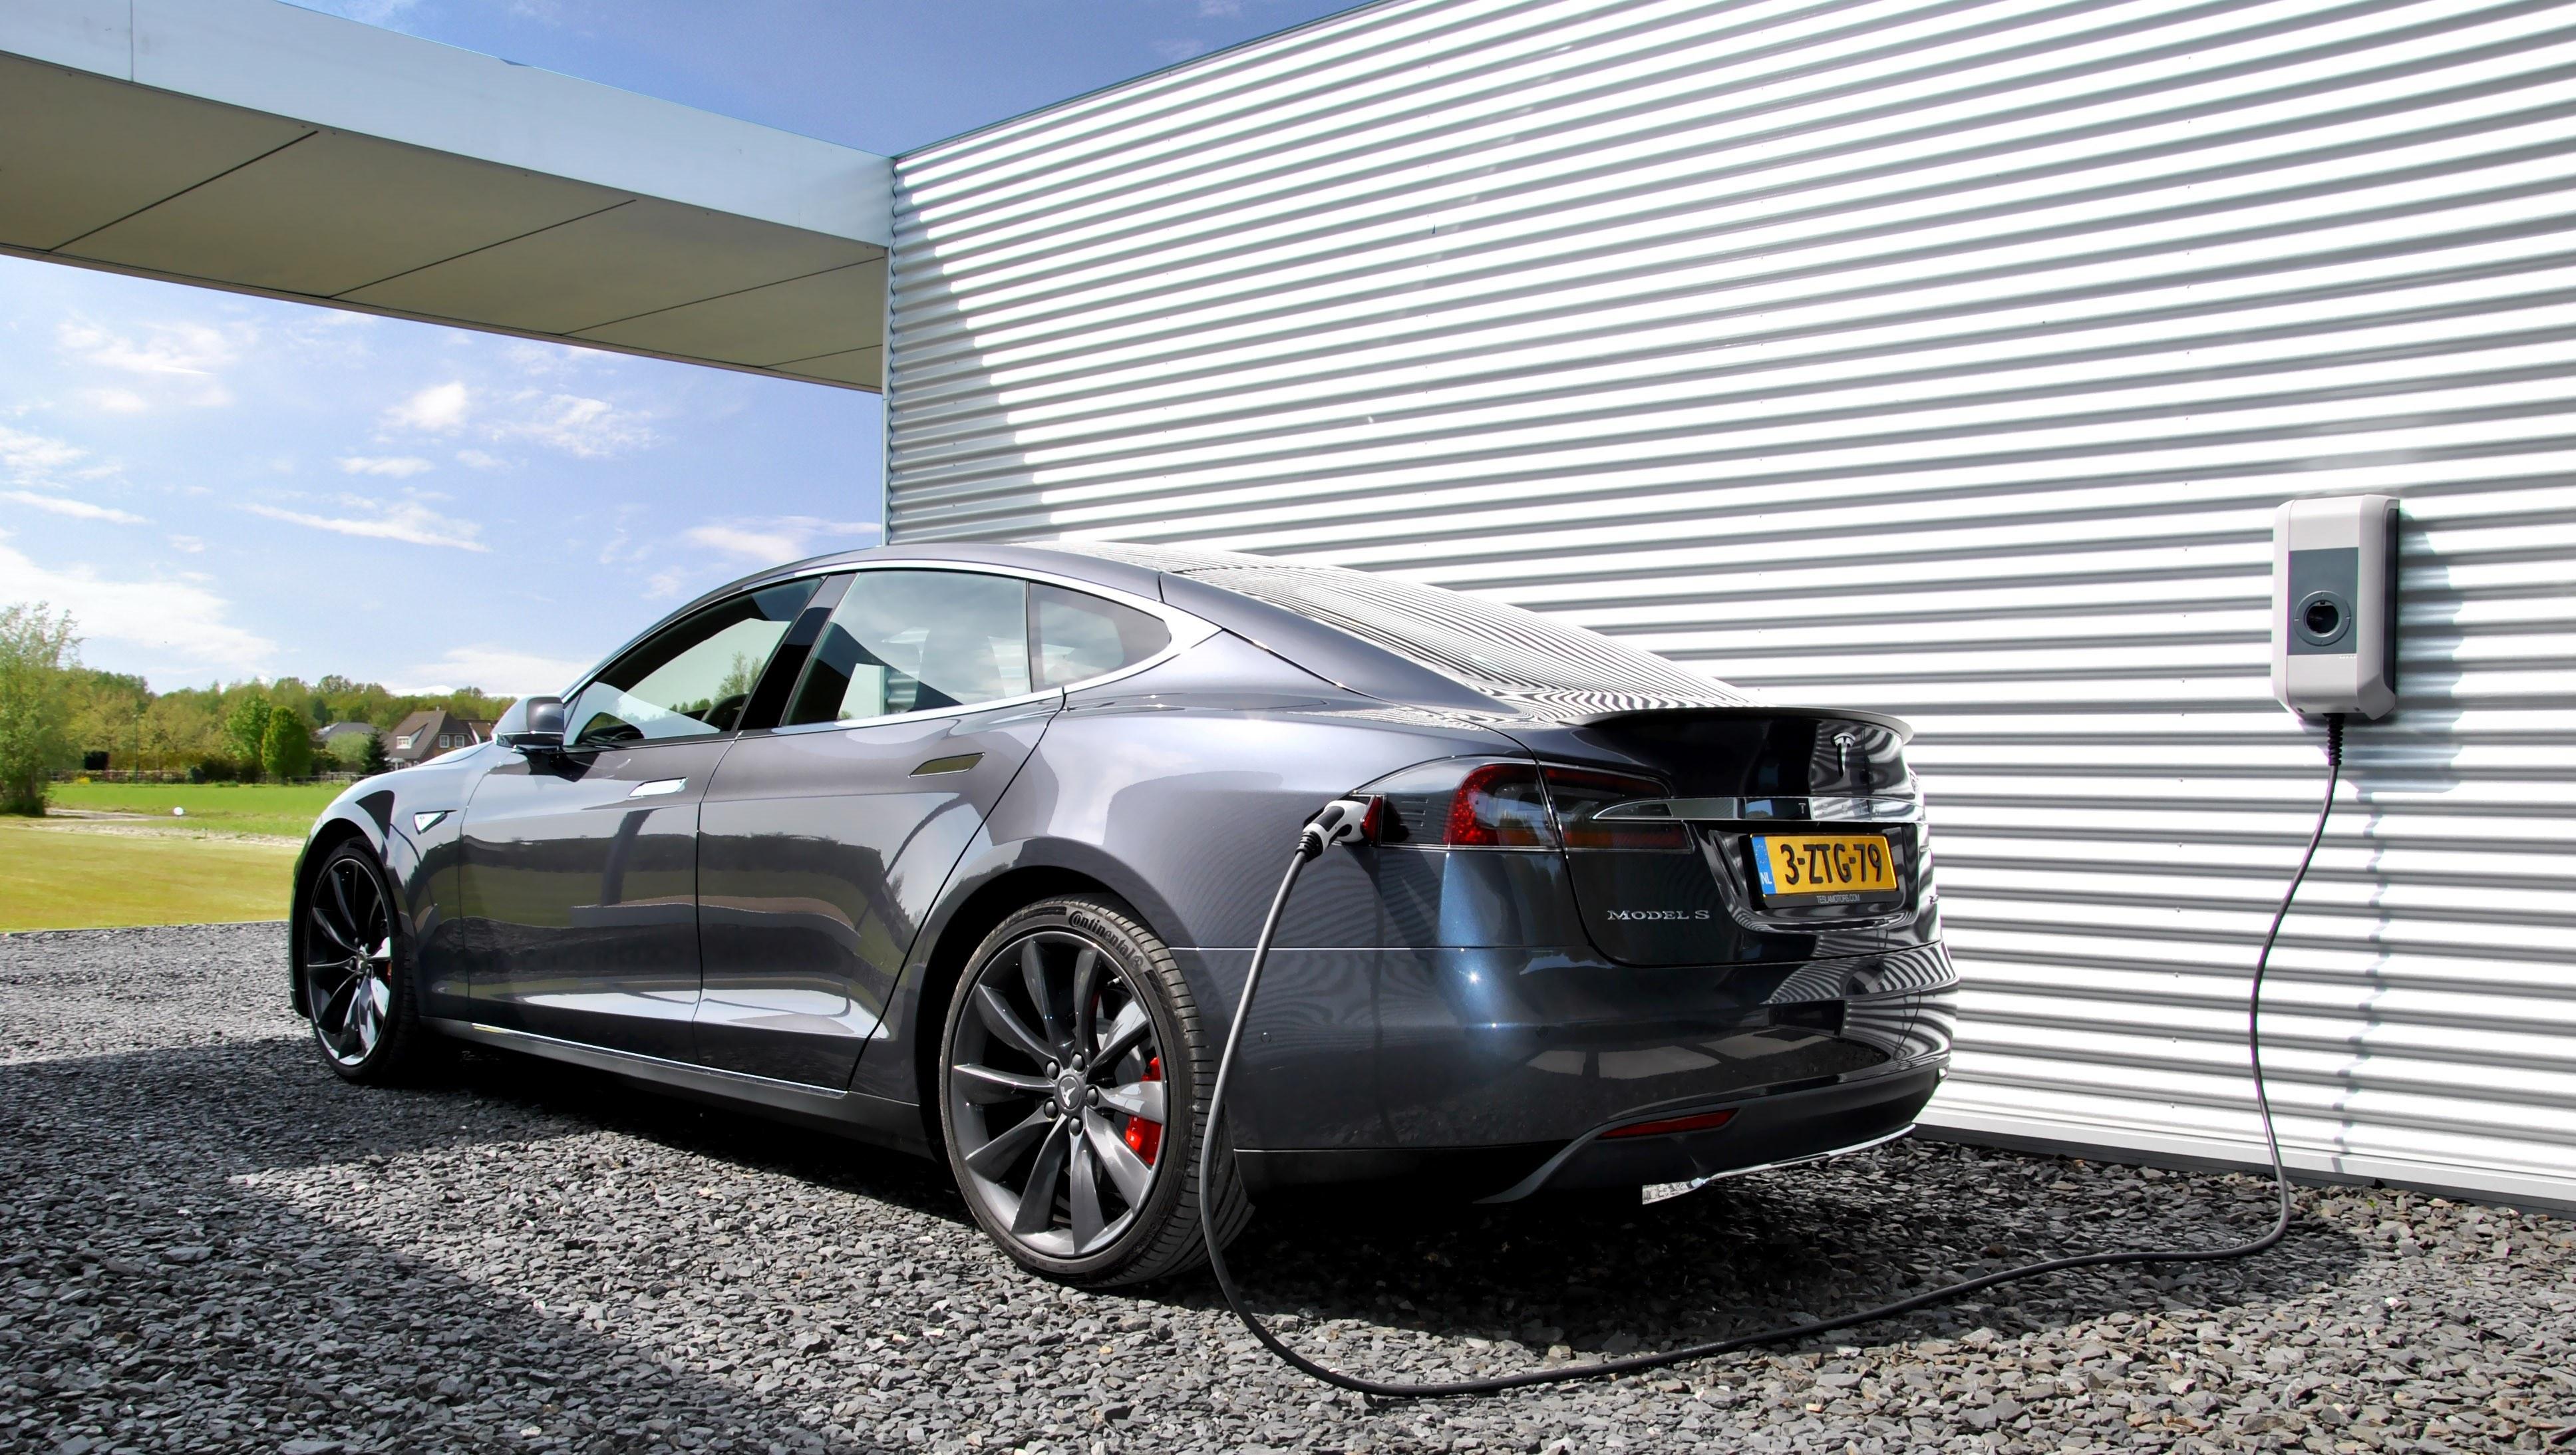 Elektrische Auto Van De Zaak Voordelig Opladen Finami Barendrecht